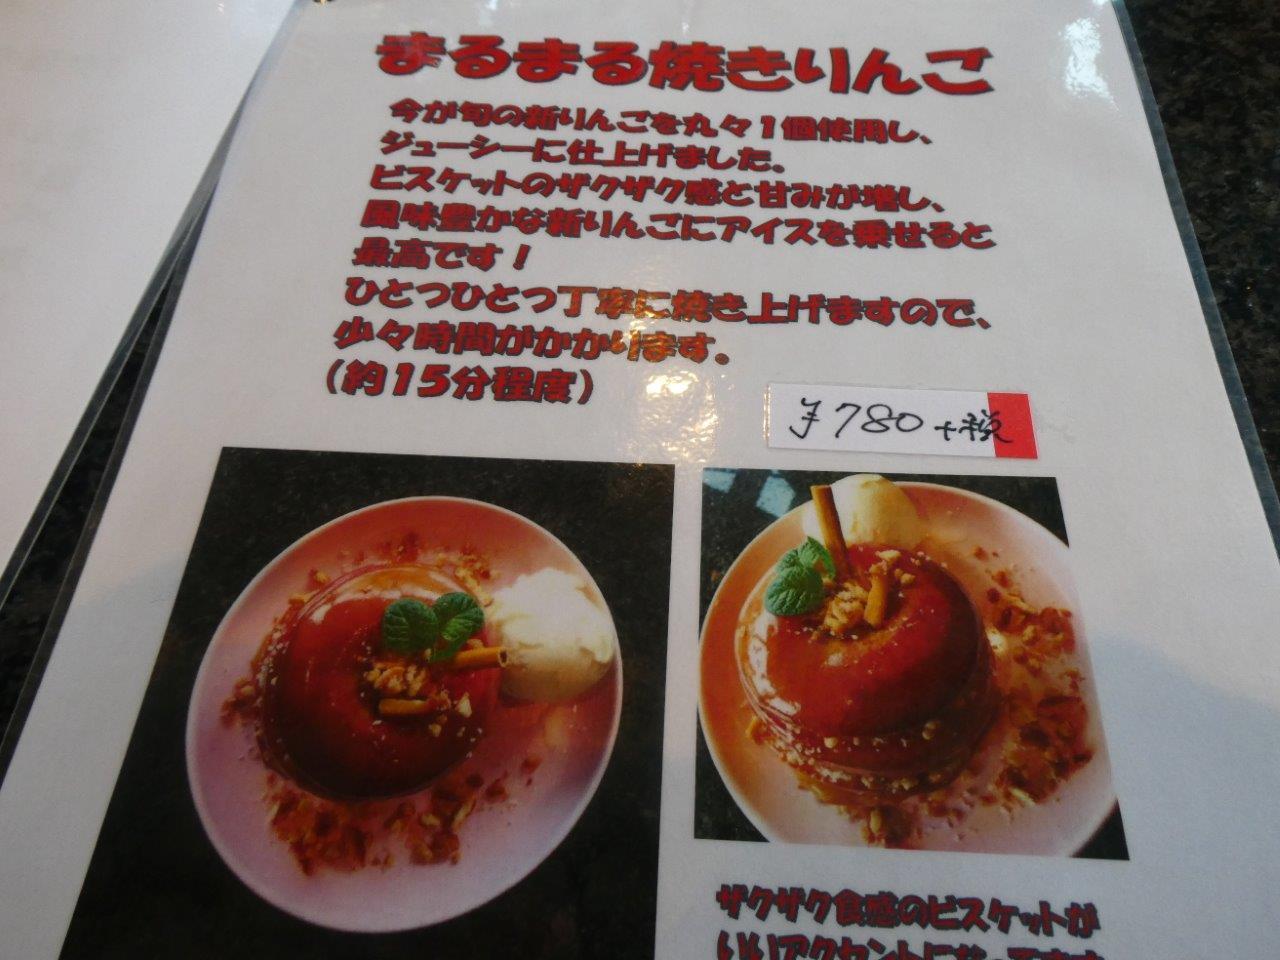 千馬ミヤビ (Miyabi)果物に精通した_d0106134_16003847.jpg